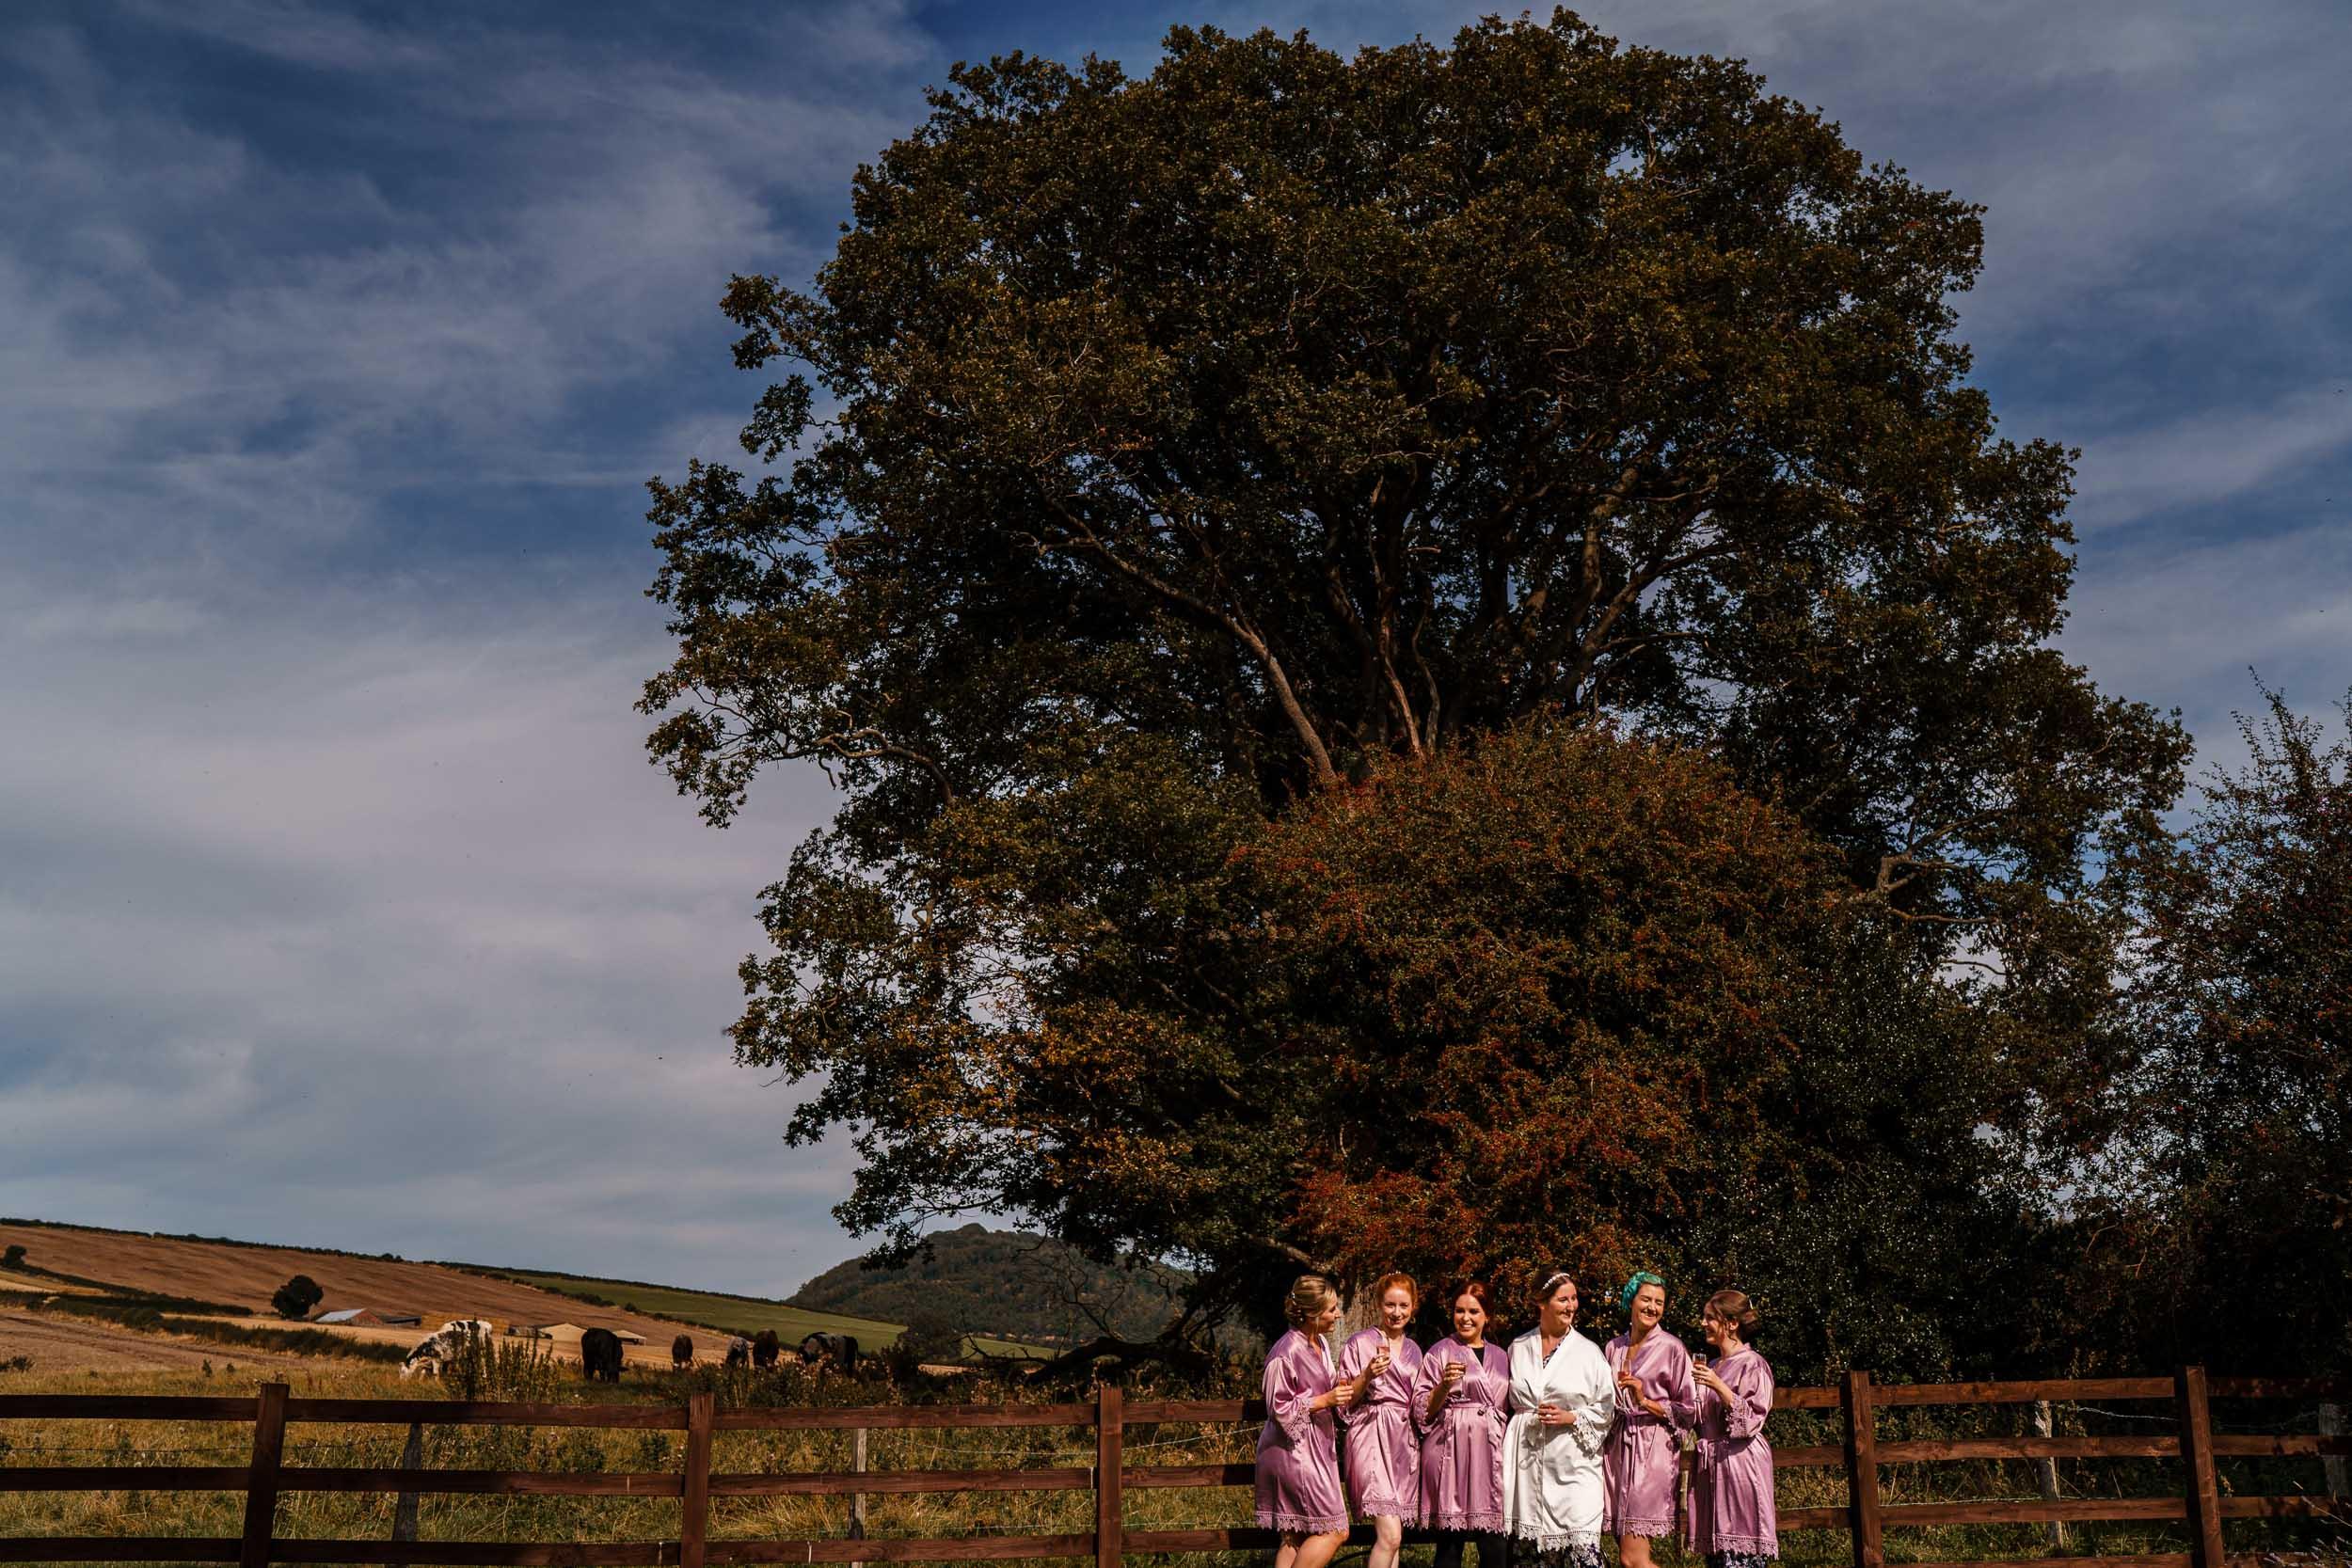 Shropshire Wedding Photography - Farm House Wedding Photographer Shropshire